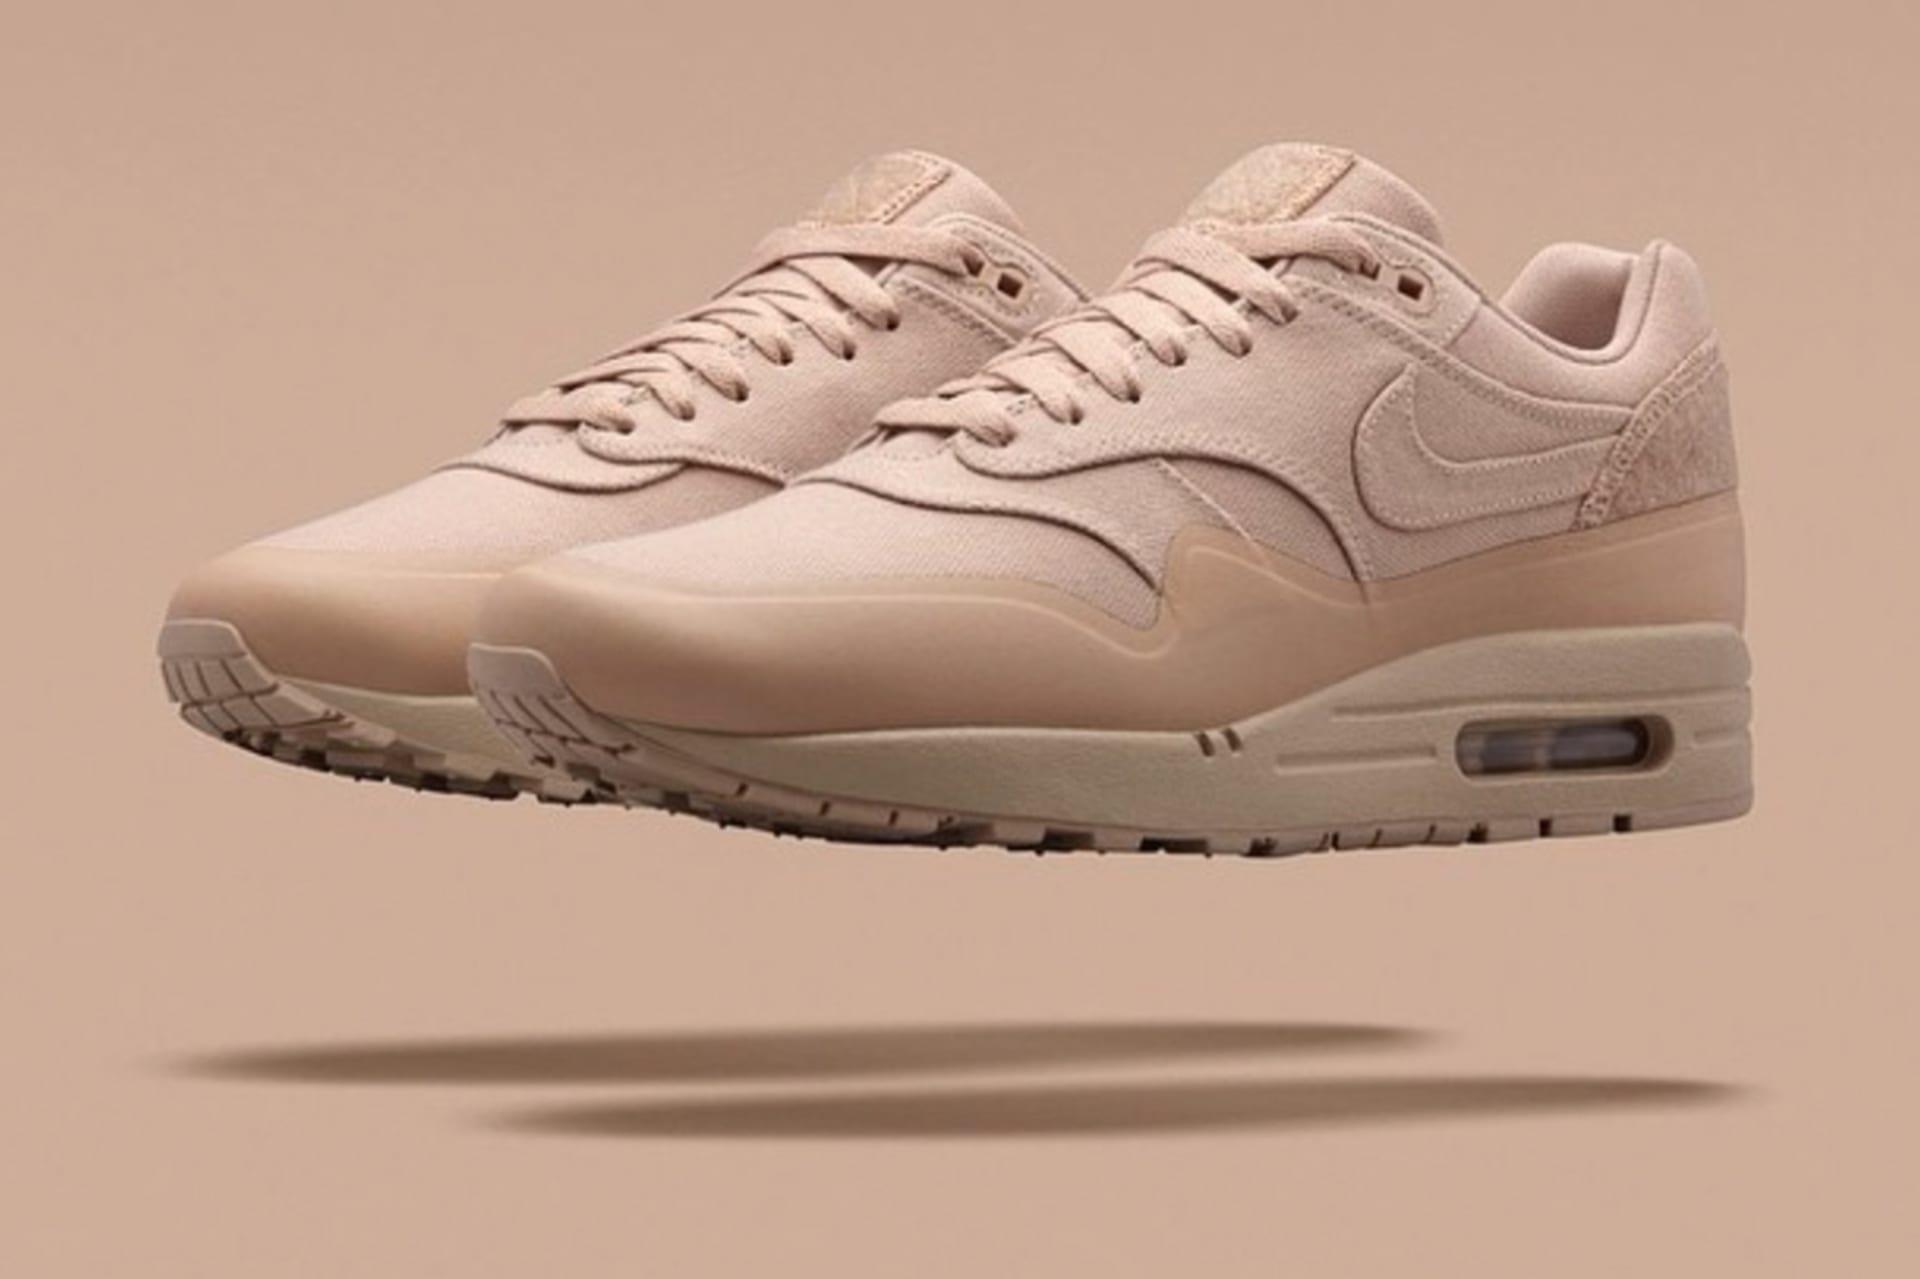 premium selection 50b35 67af9 Nike Air Max 1